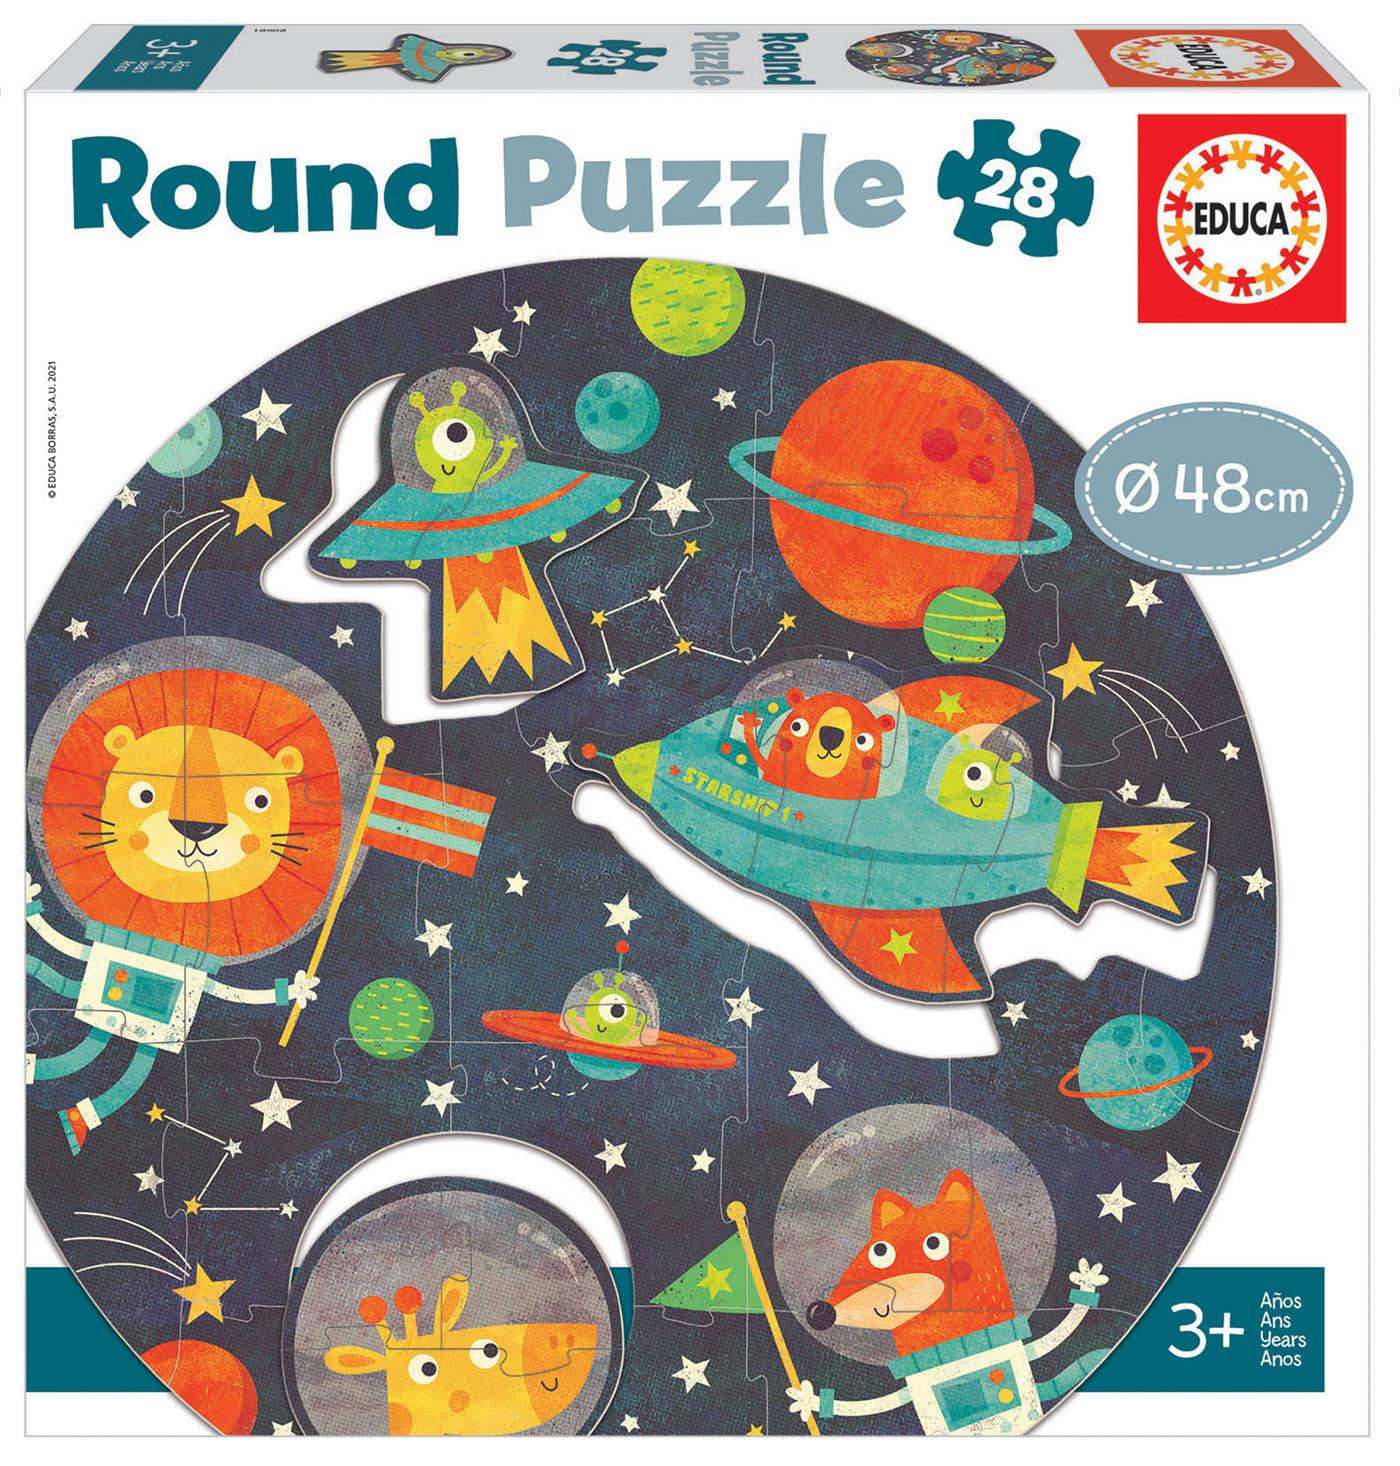 28 El Espacio Round Puzzle